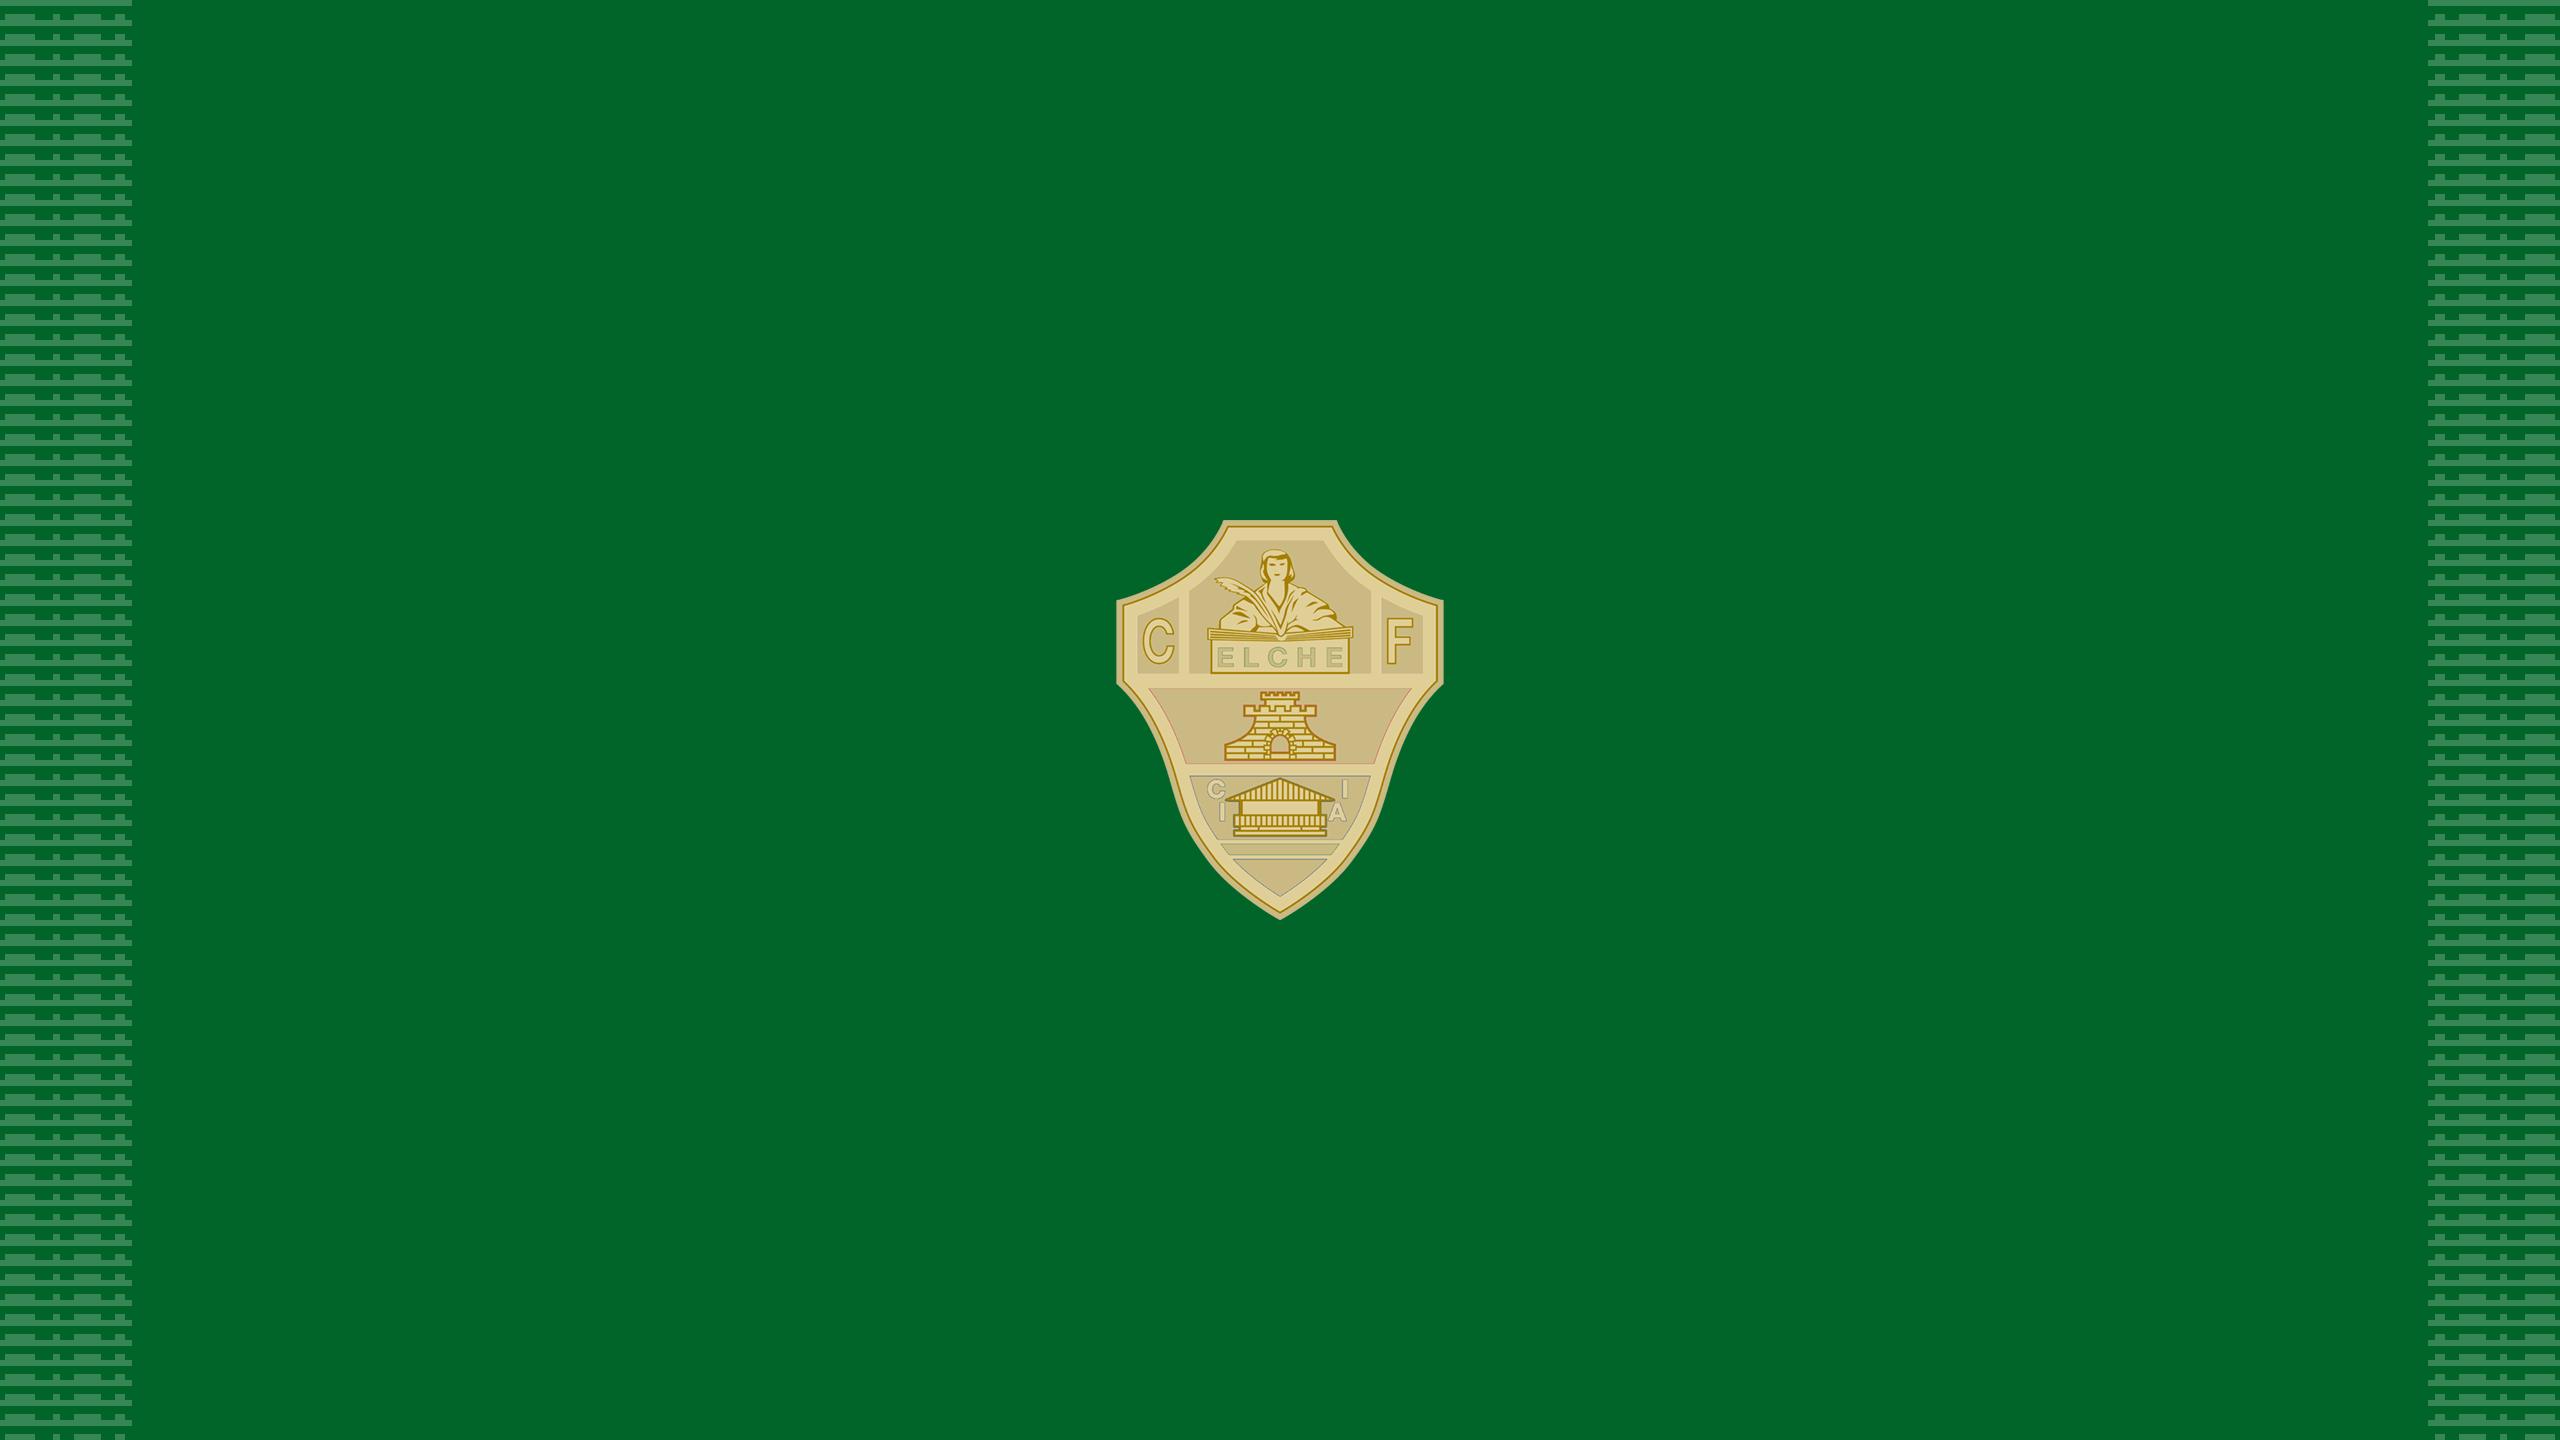 Elche CF (Away)